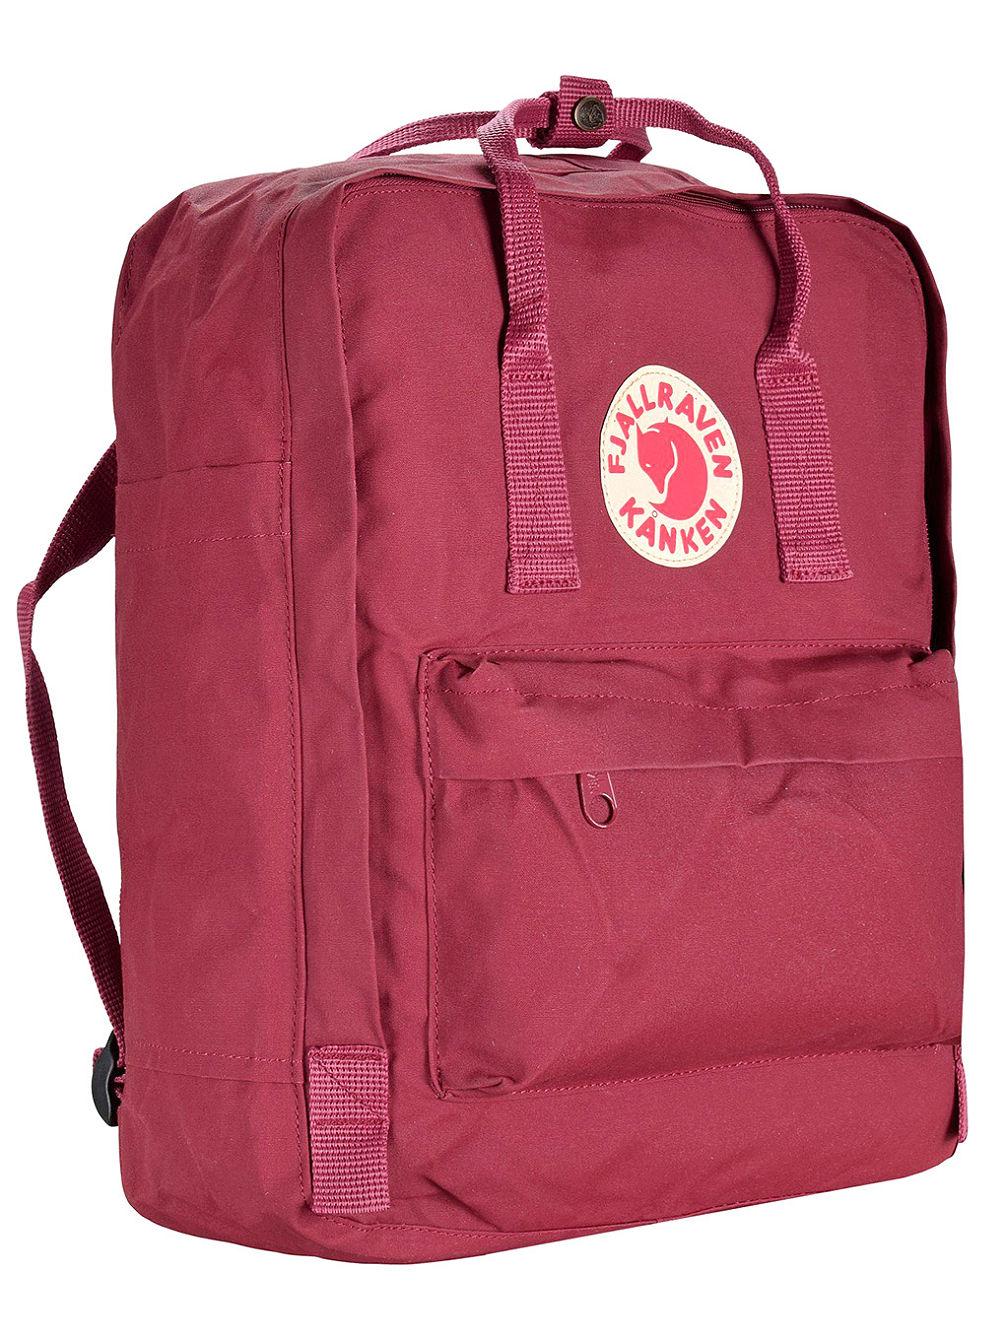 Buy Fjällräven Kanken Backpack online at blue-tomato.com 7ab01daf1c